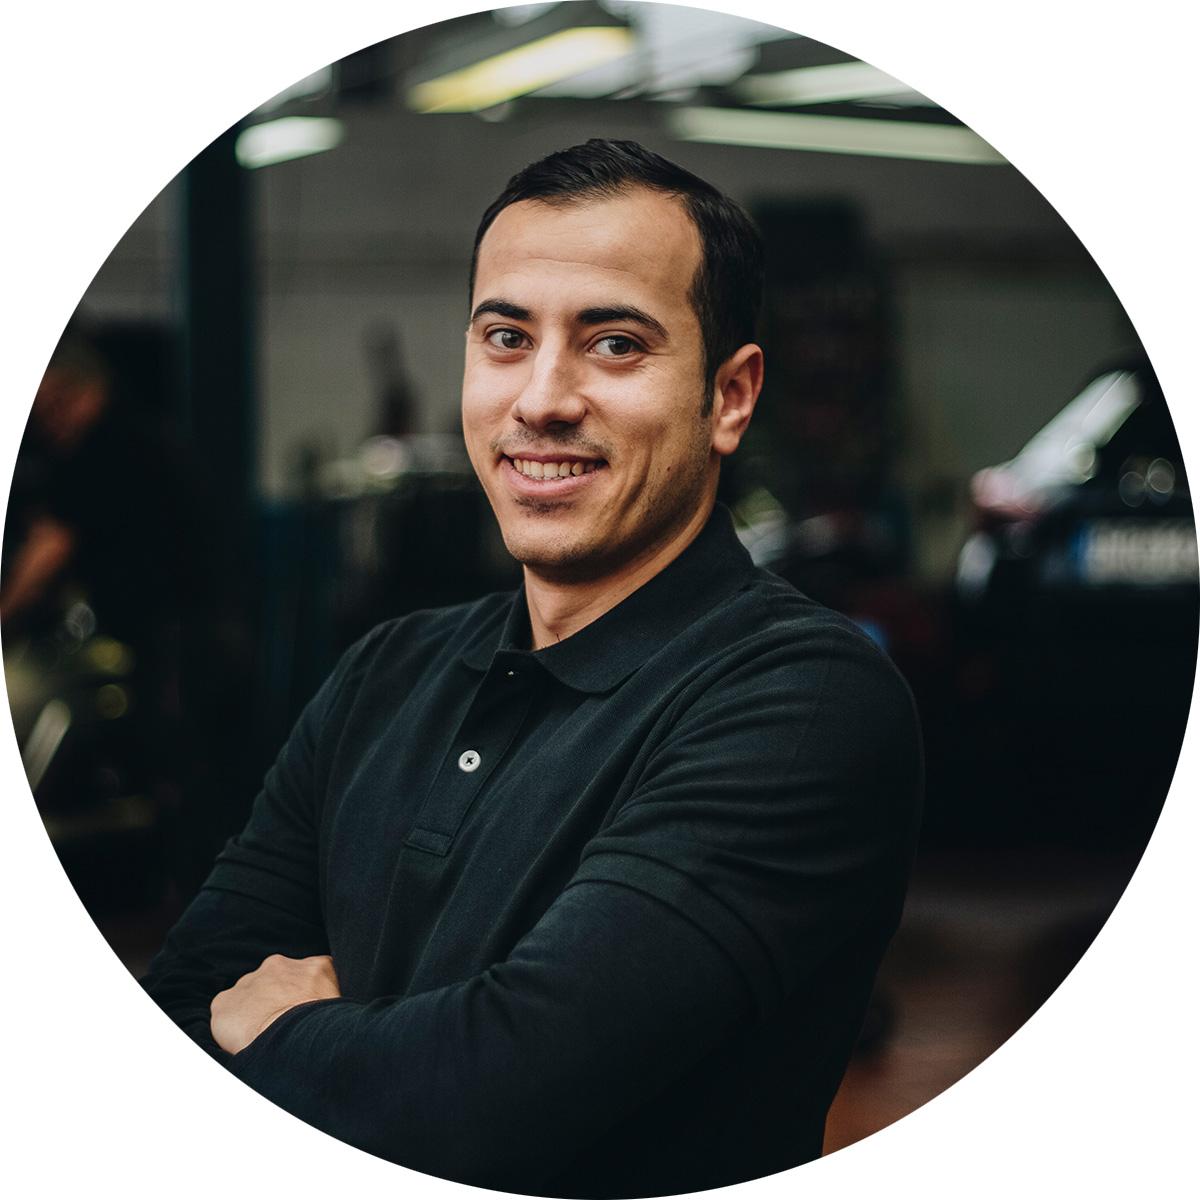 Autohaus von Berckefeldt | Unser Team | Khalil Youssef Khalil